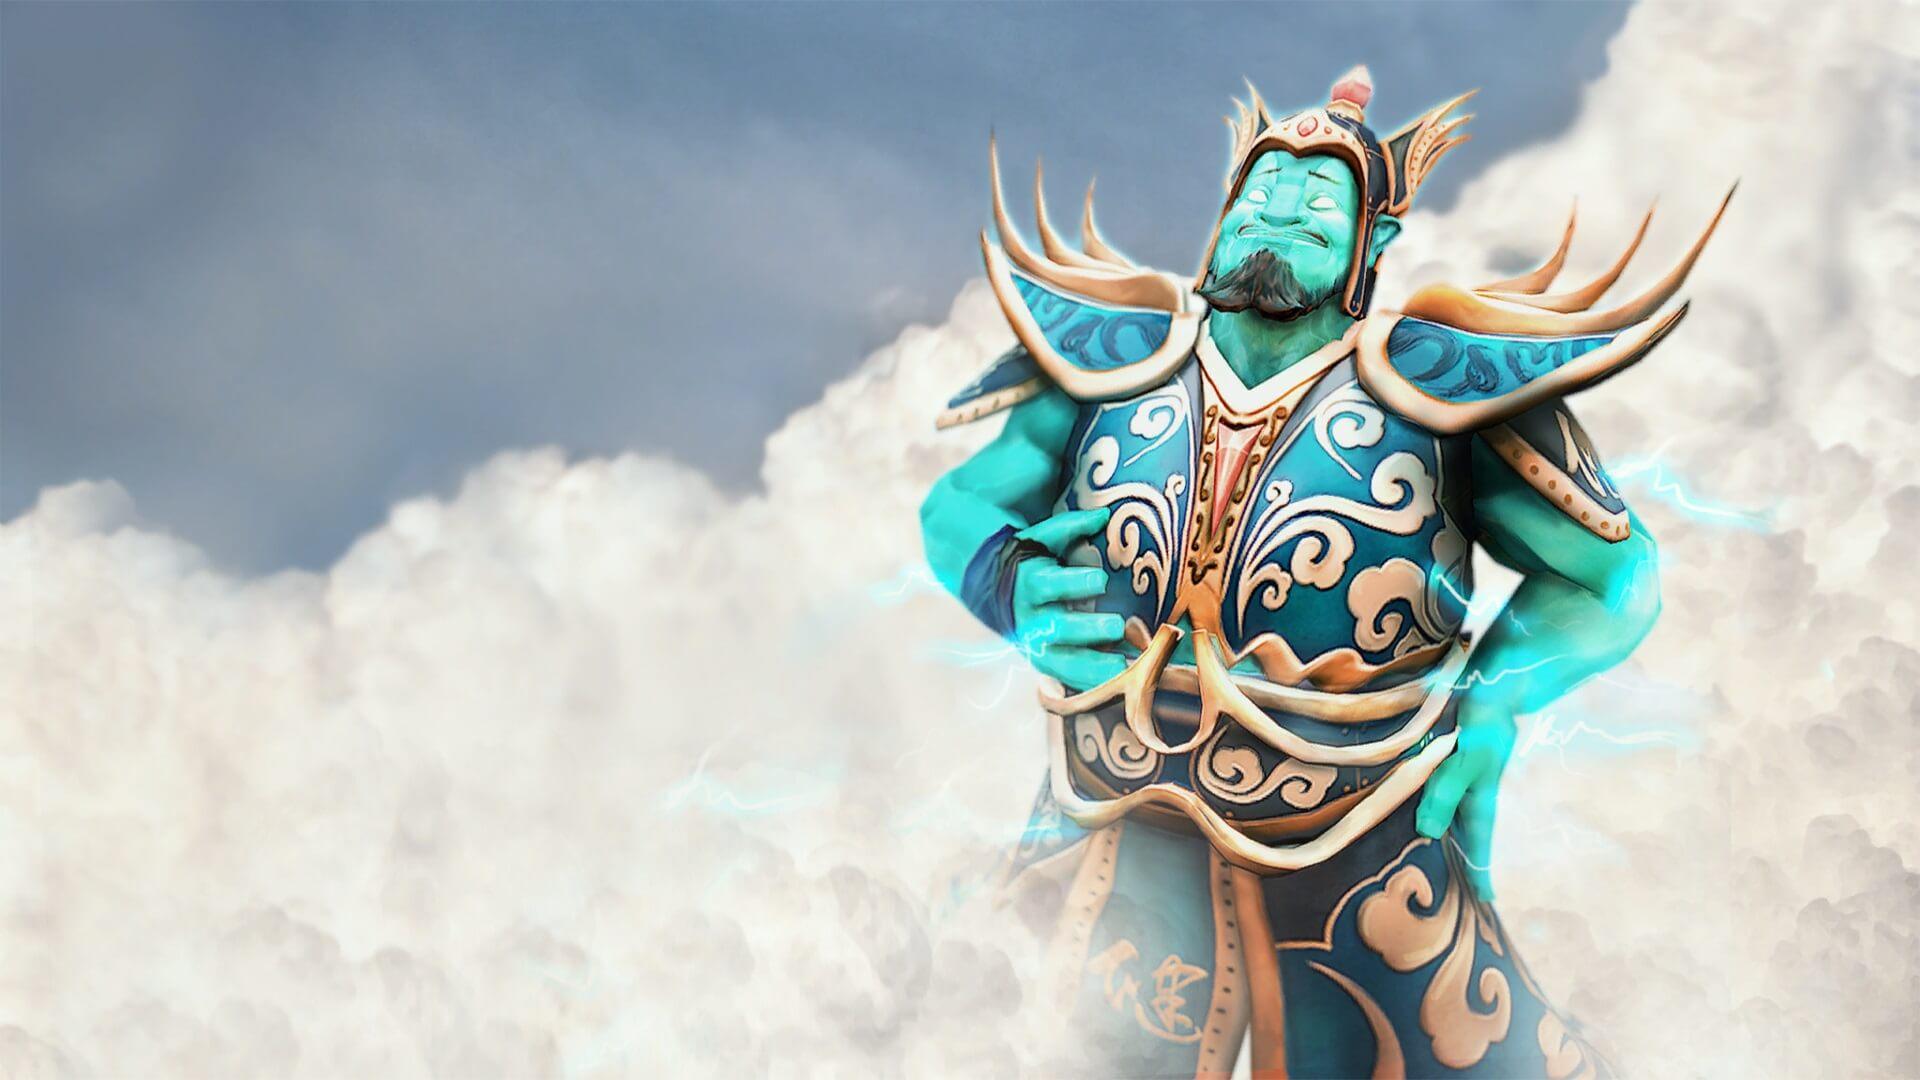 Heavenly General loading screen for Storm Spirit - Valve